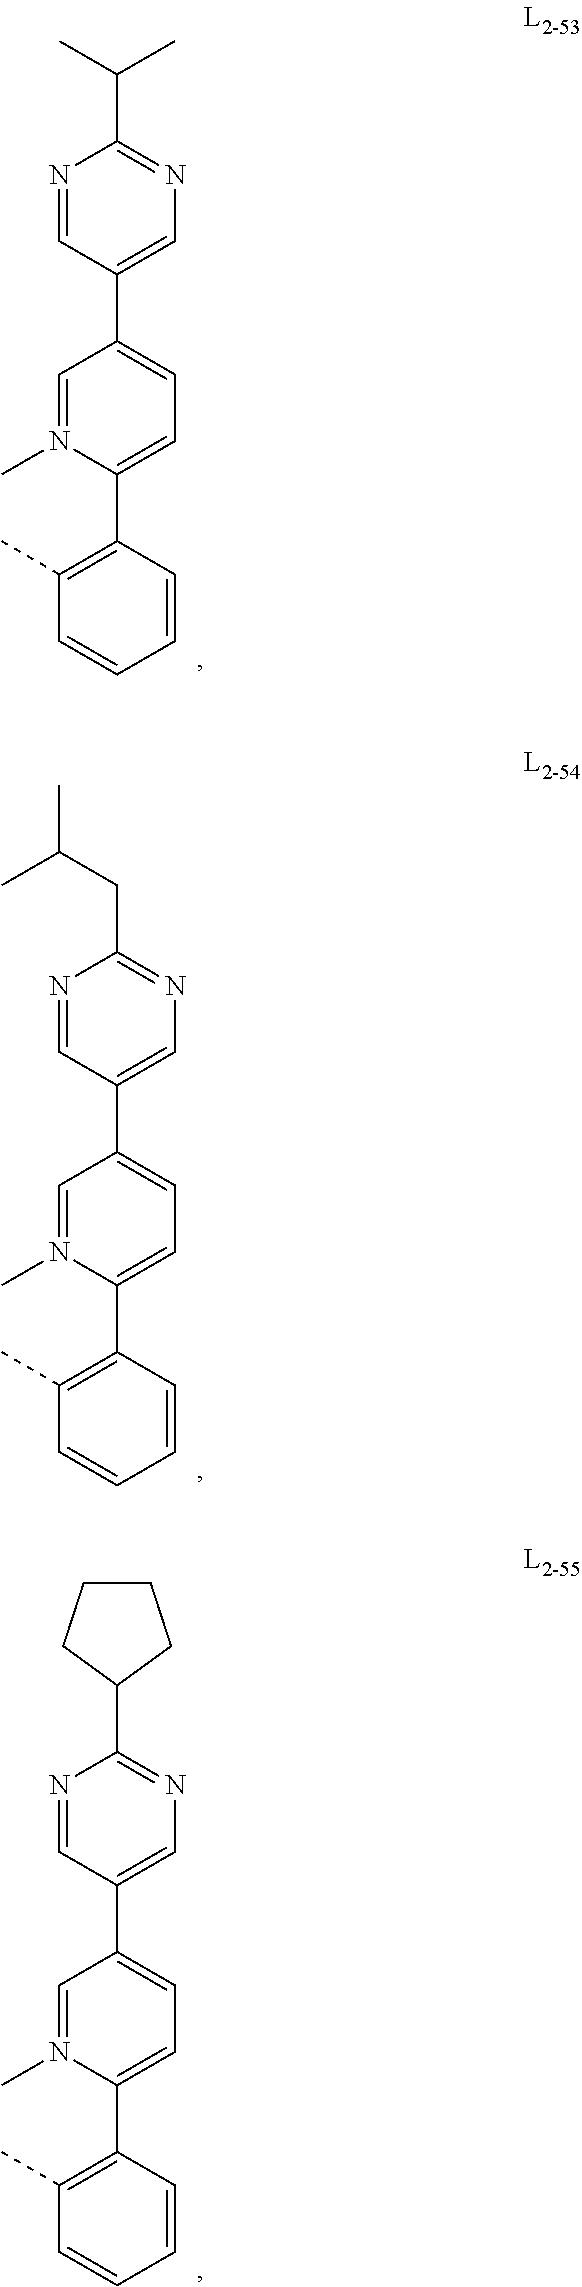 Figure US10074806-20180911-C00063